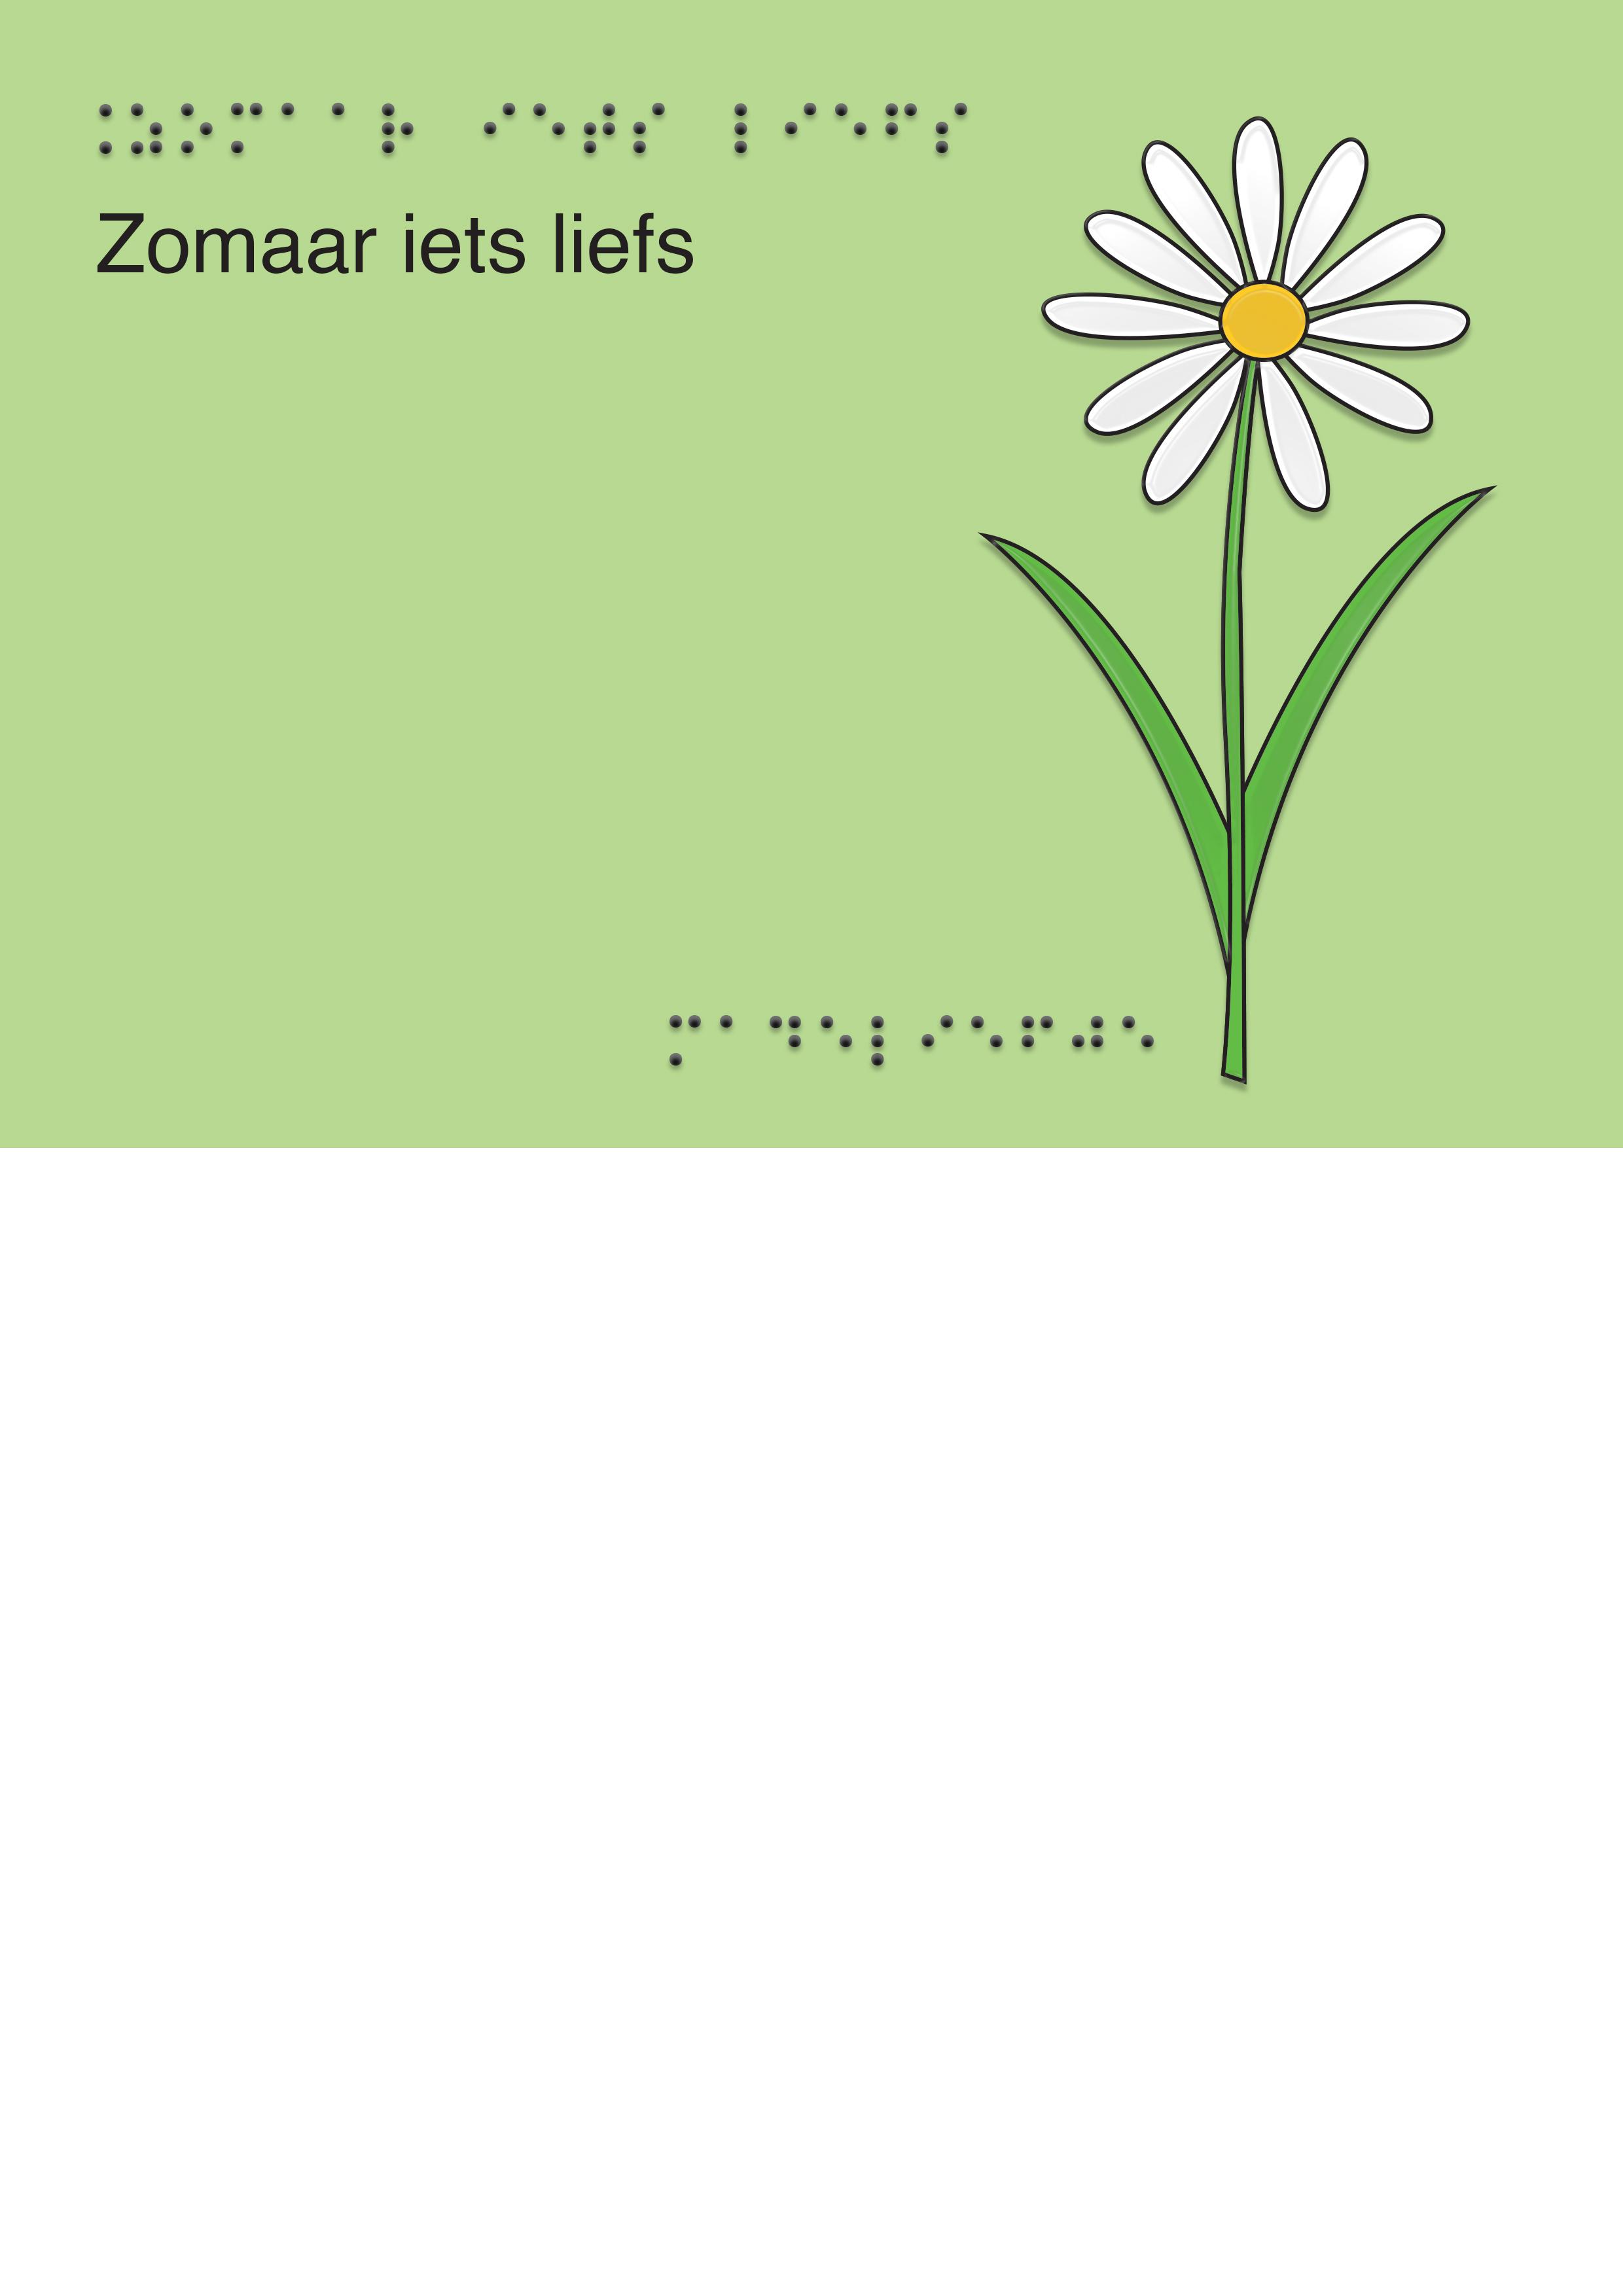 Voelbare wenskaart met braille en reliëf. In braille de tekst: Zomaar iets liefs. Met full color voelbare afbeelding van een bloem.